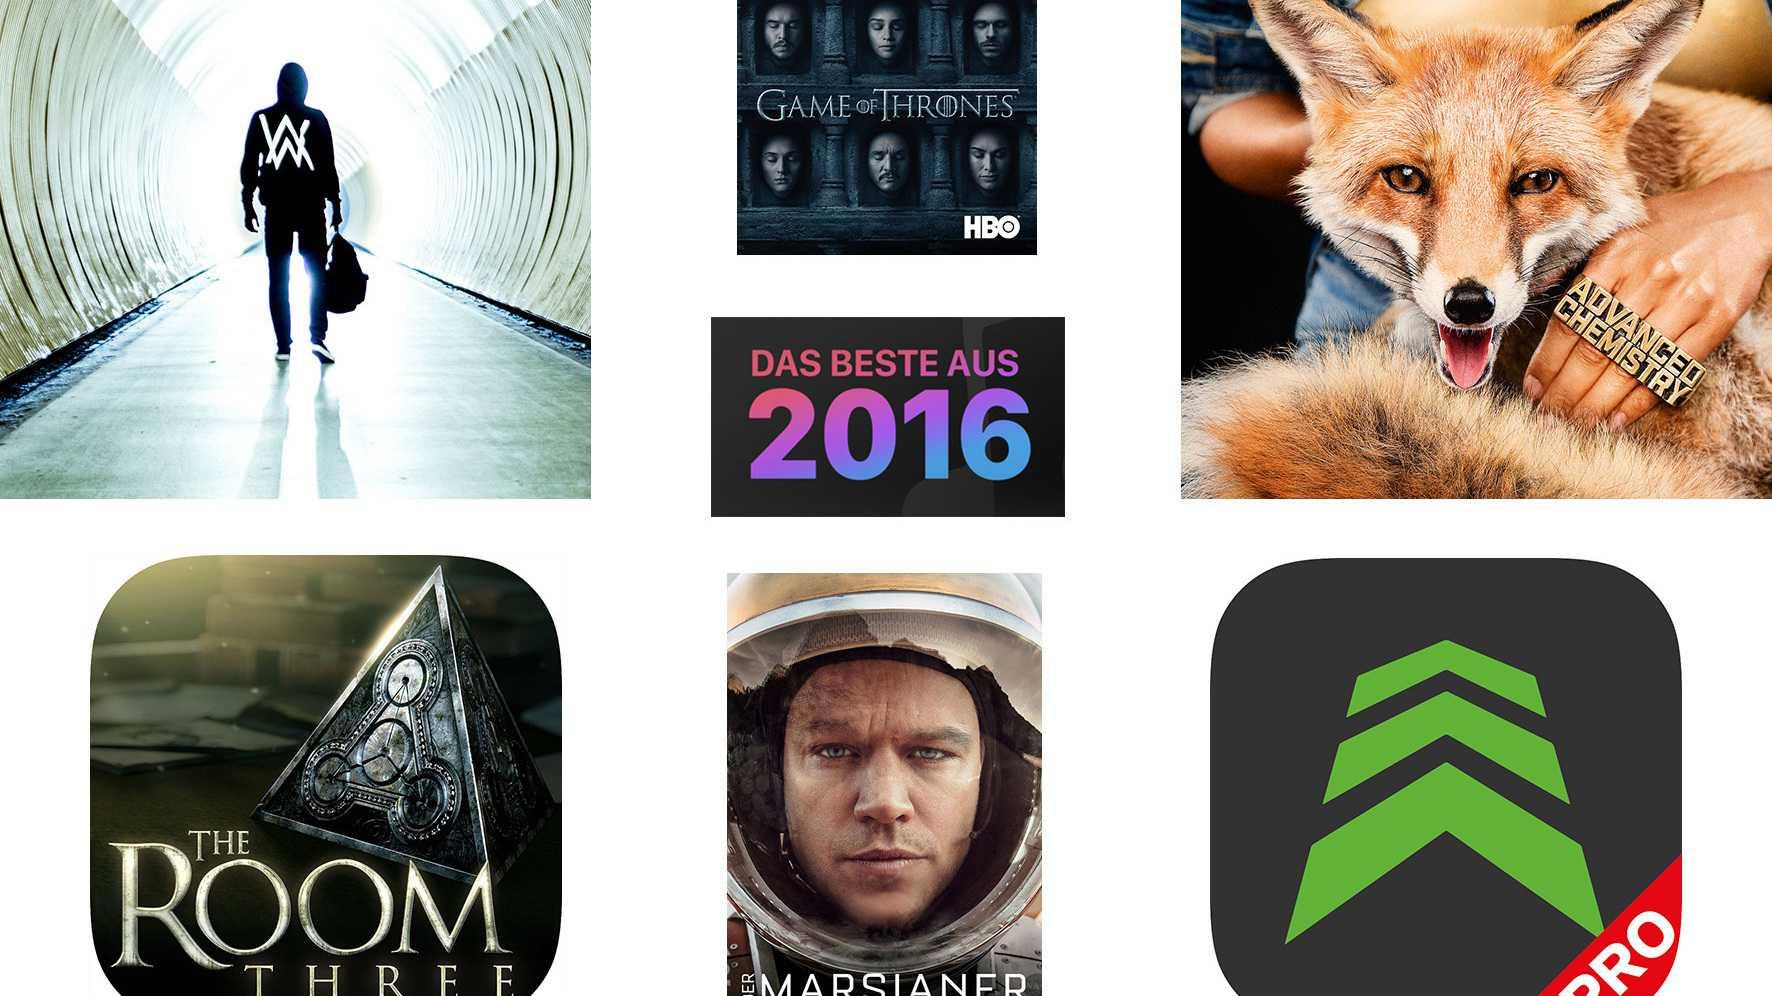 Apples App Store mit Rekordmonat